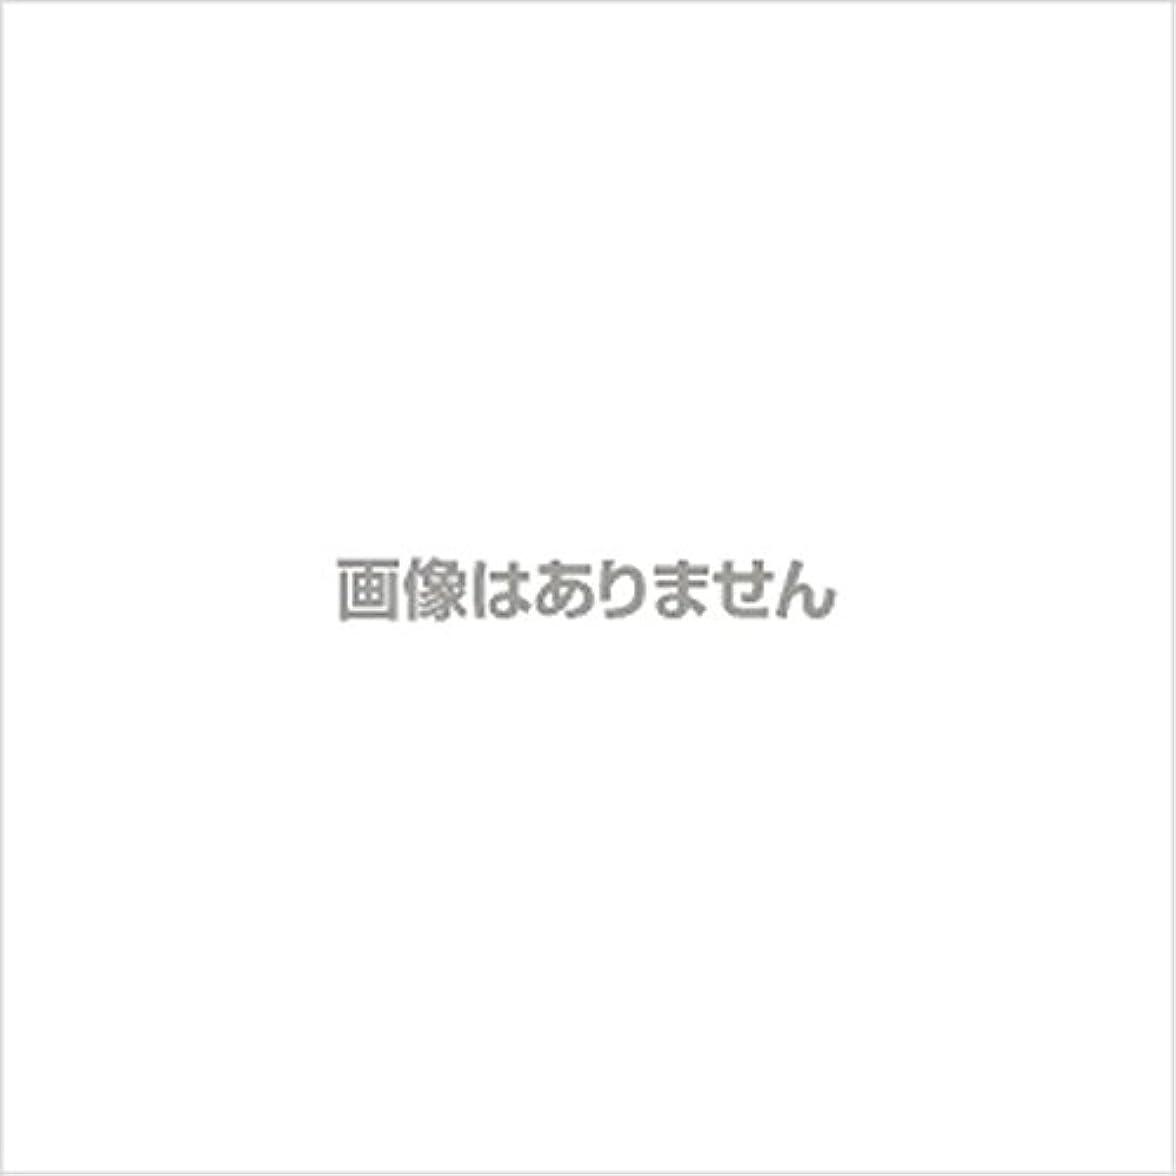 提唱する同時補体【新発売】EBUKEA エブケアNO1002 プラスチックグローブ(粉付)Mサイズ 100枚入(極薄?半透明)